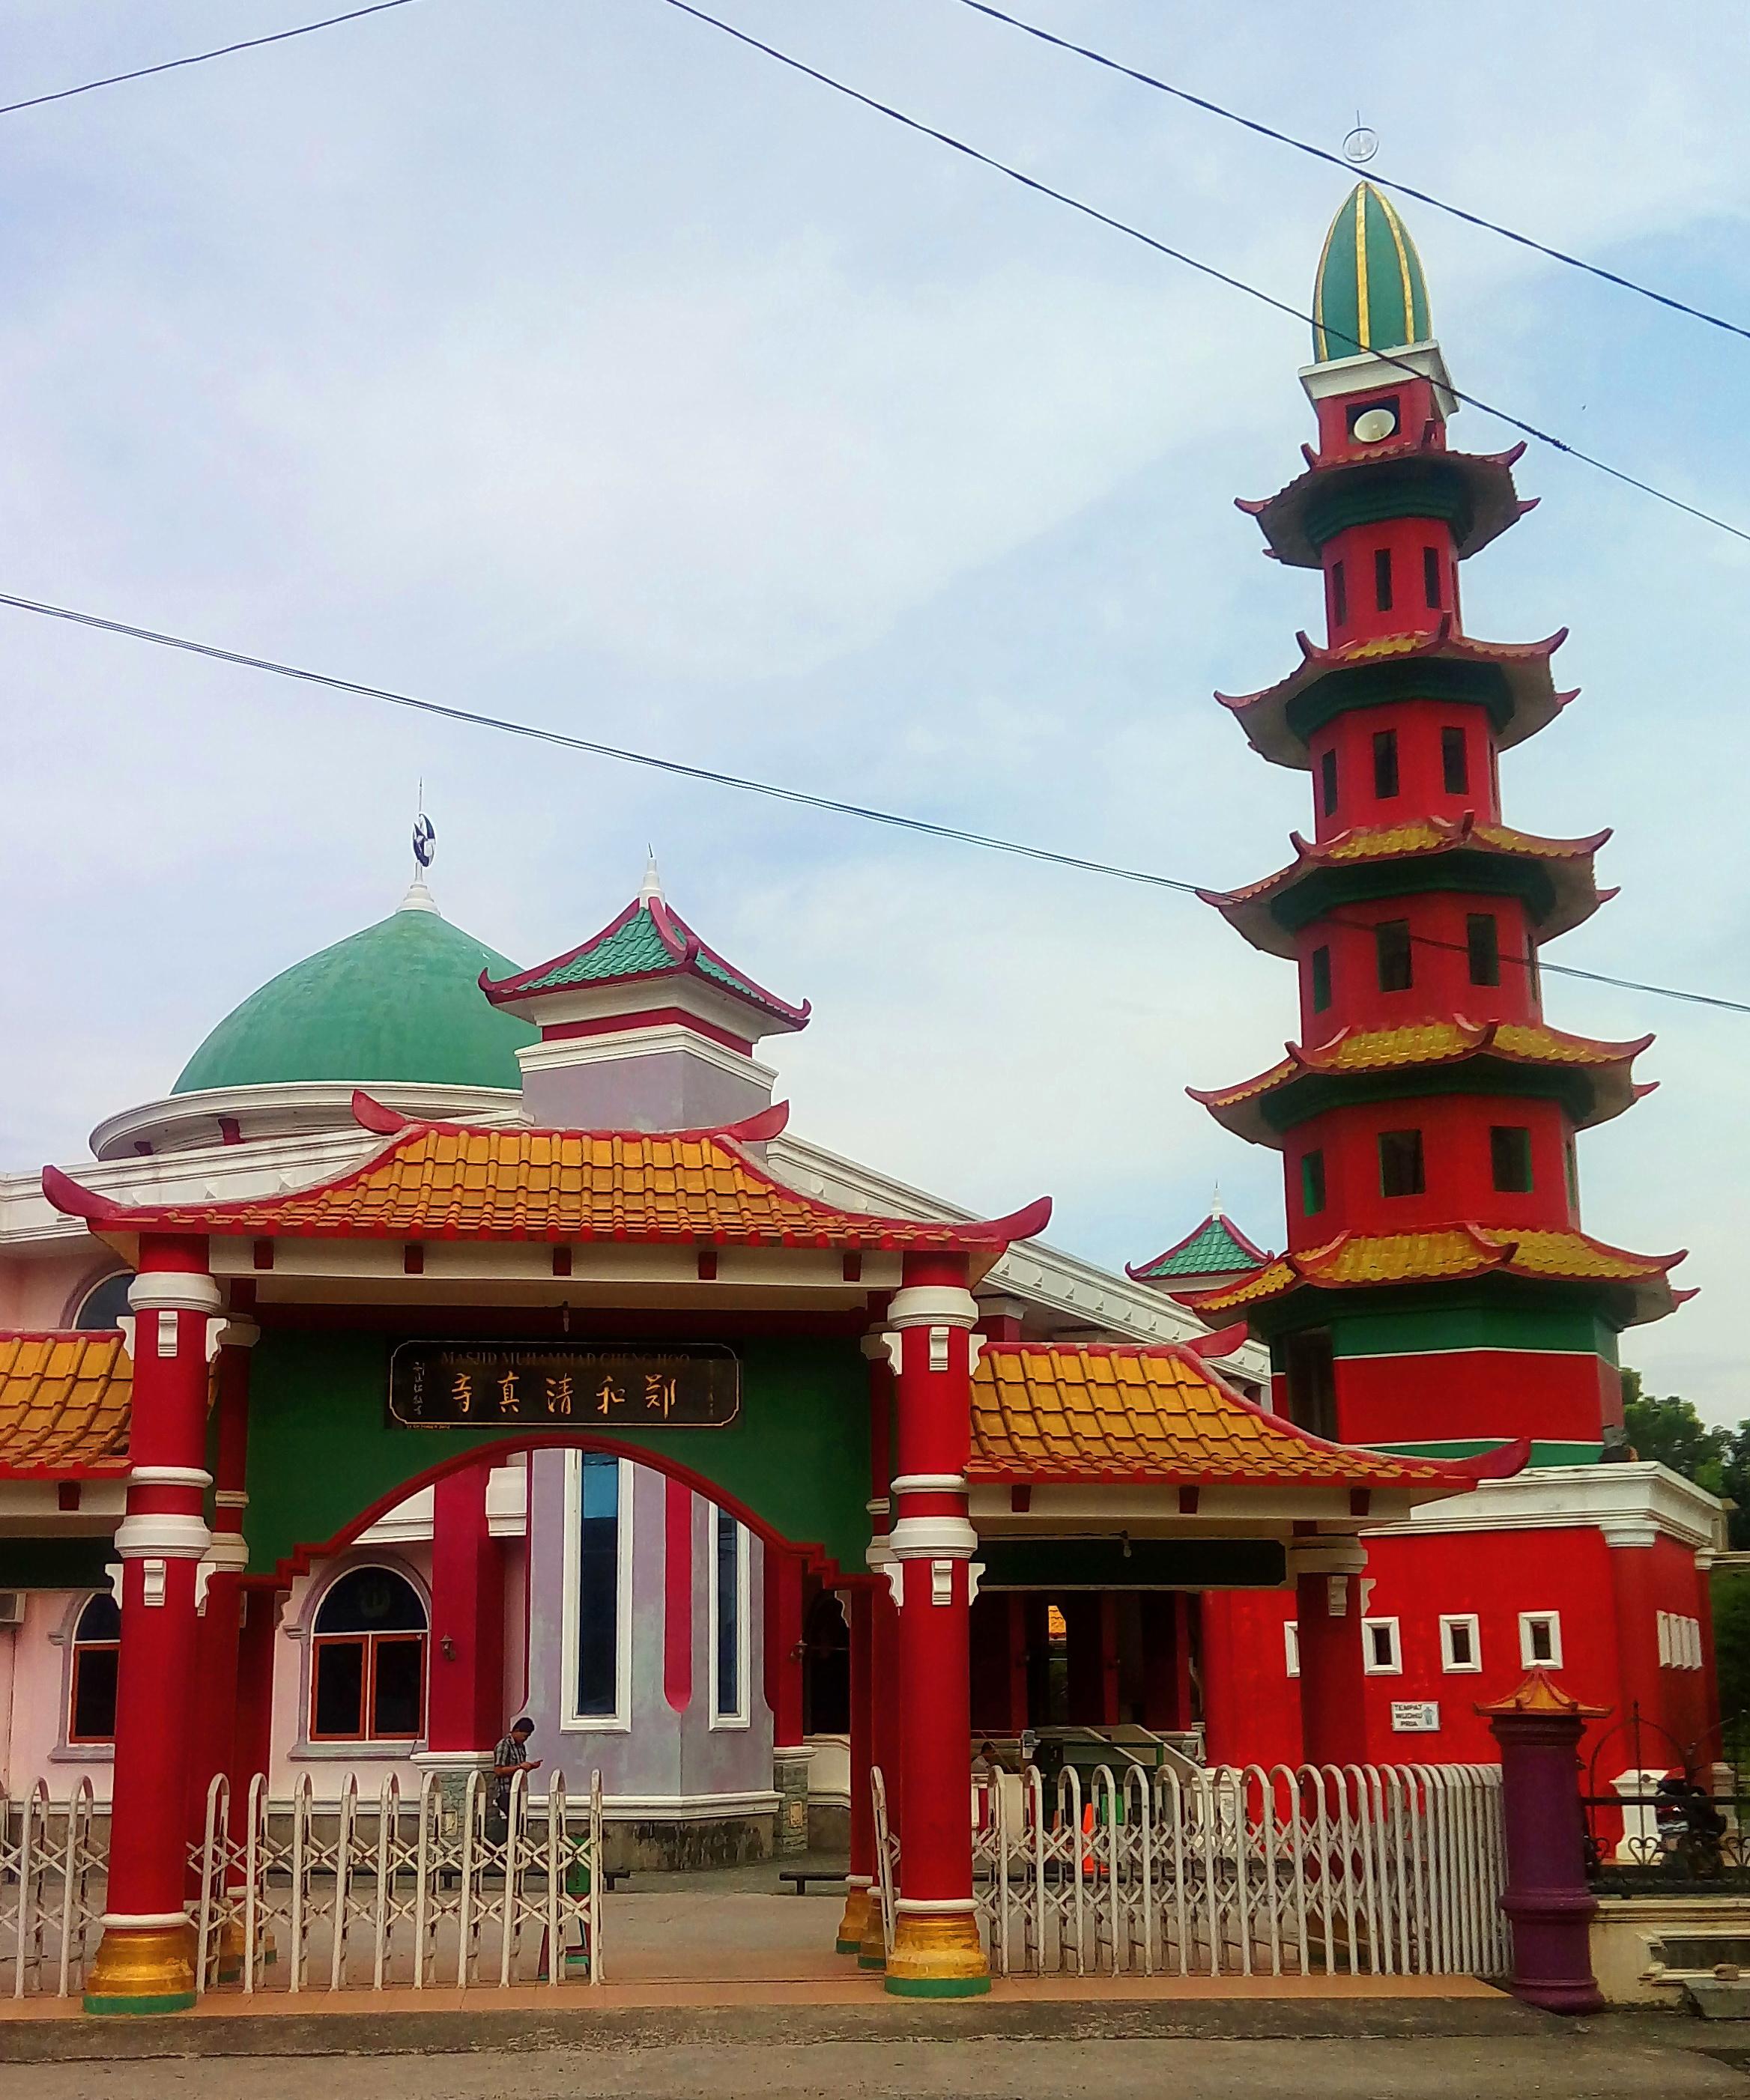 Masjid Muhammad Cheng Ho Palembang 2 Siapakah Gana Islamika Hoo